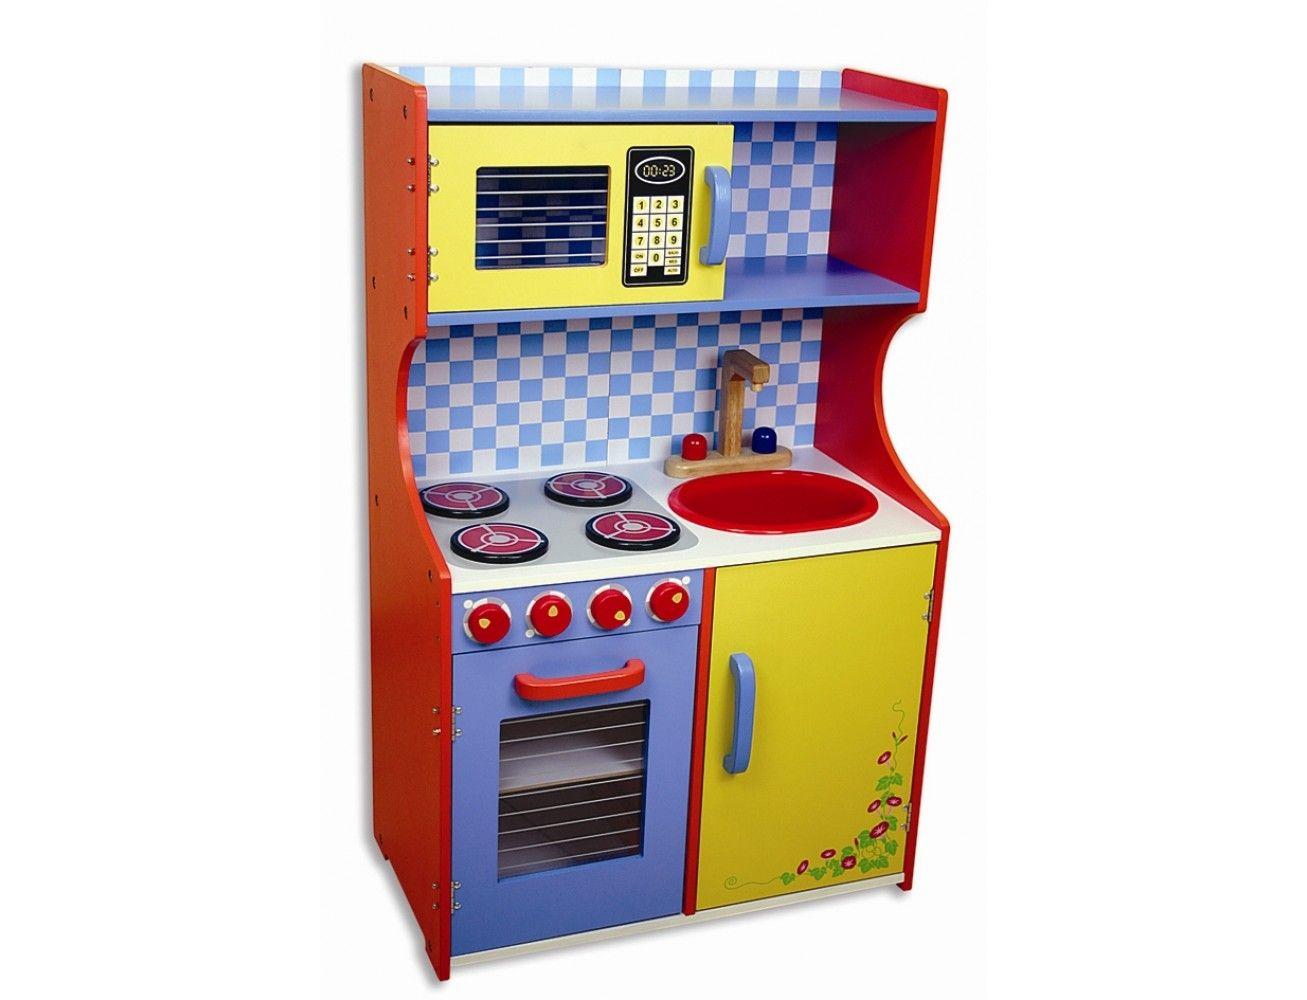 cocina multicolor desmontada juegos de matemticas para nios